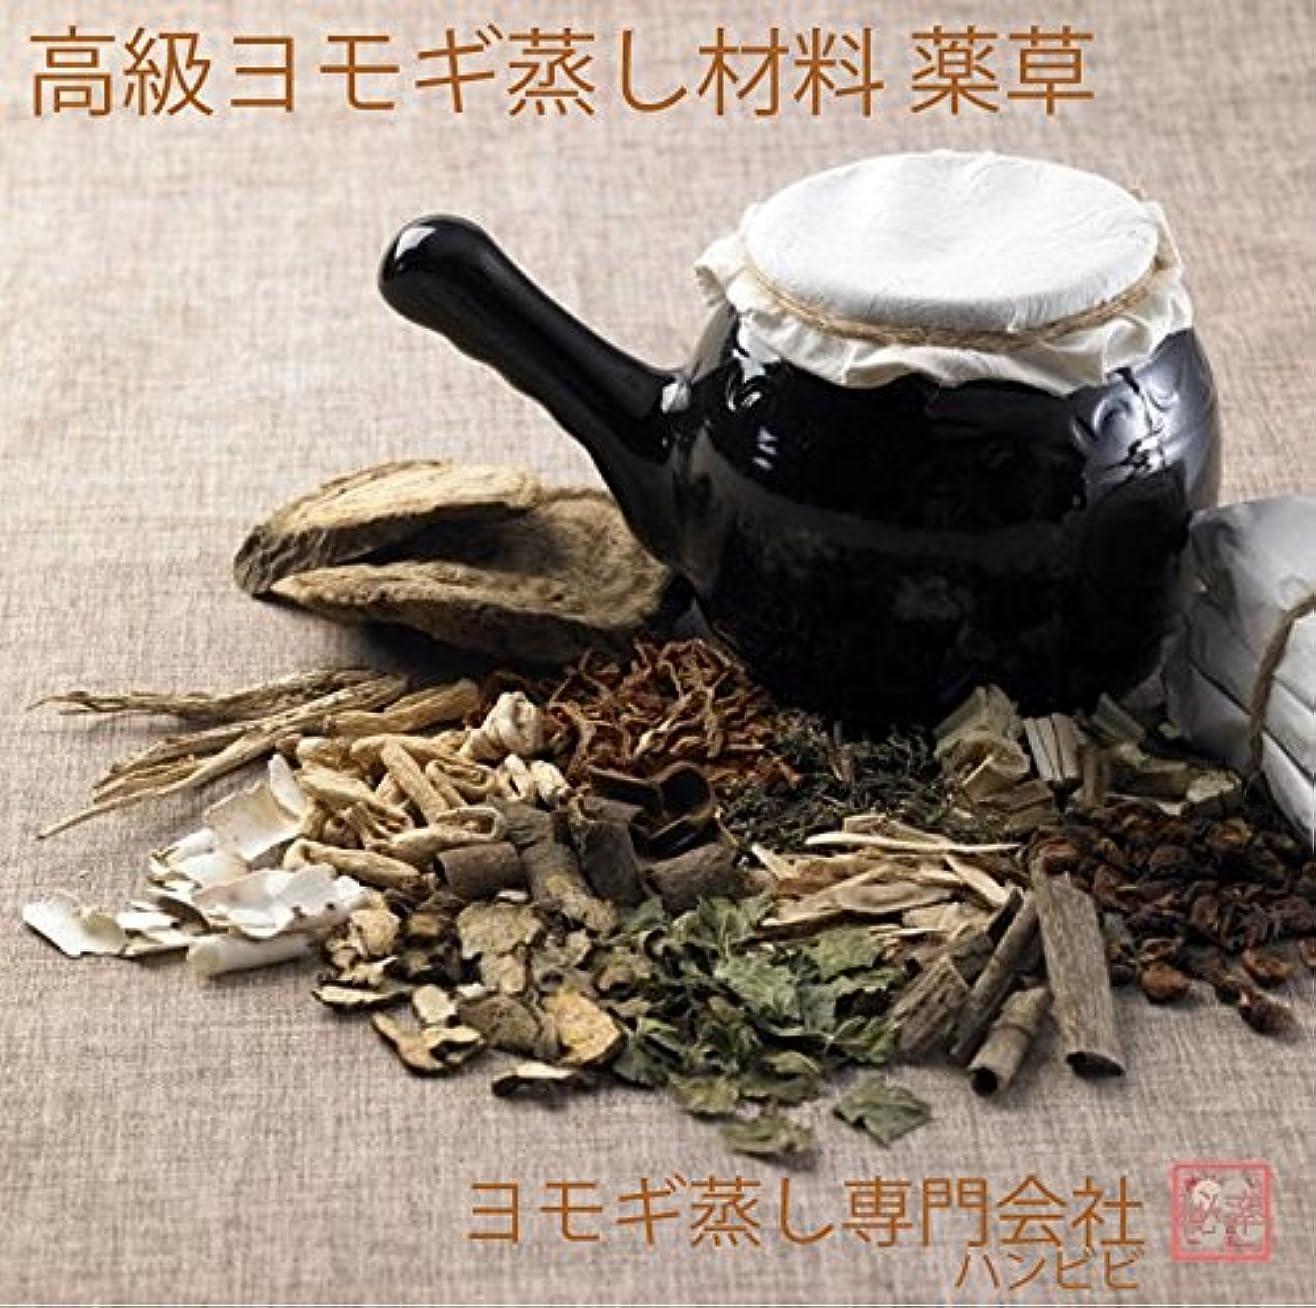 暴露するシットコムキルト蒸しヨモギ薬草、、<美肌美容、ダイエット、婦人子宮健康兼用